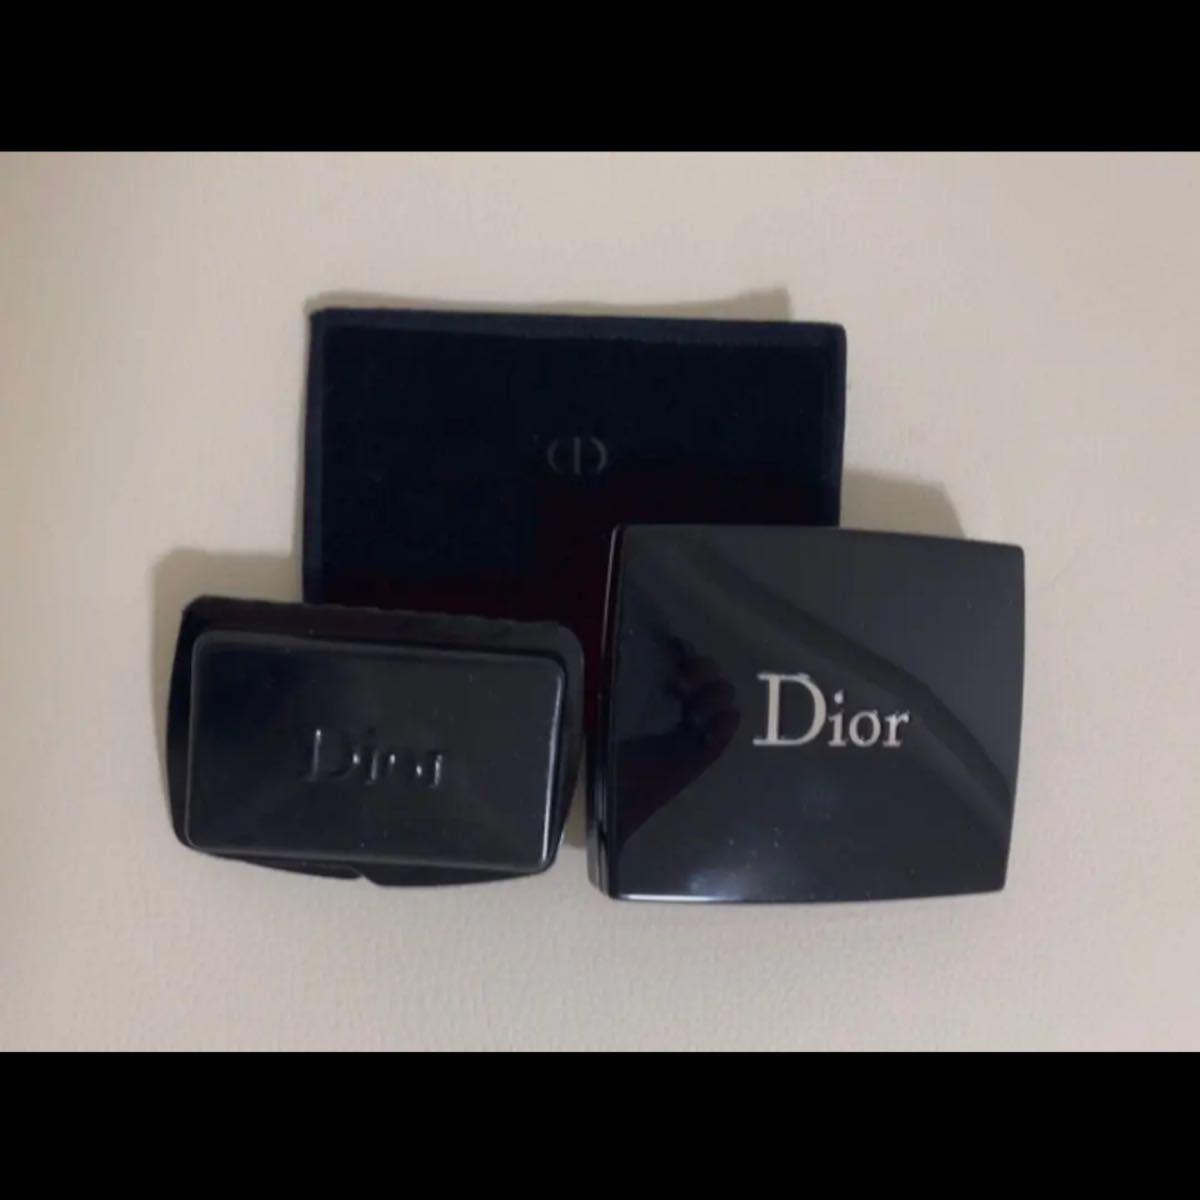 Dior ディオール サンク クルール 877 SHOCK アイシャドウ